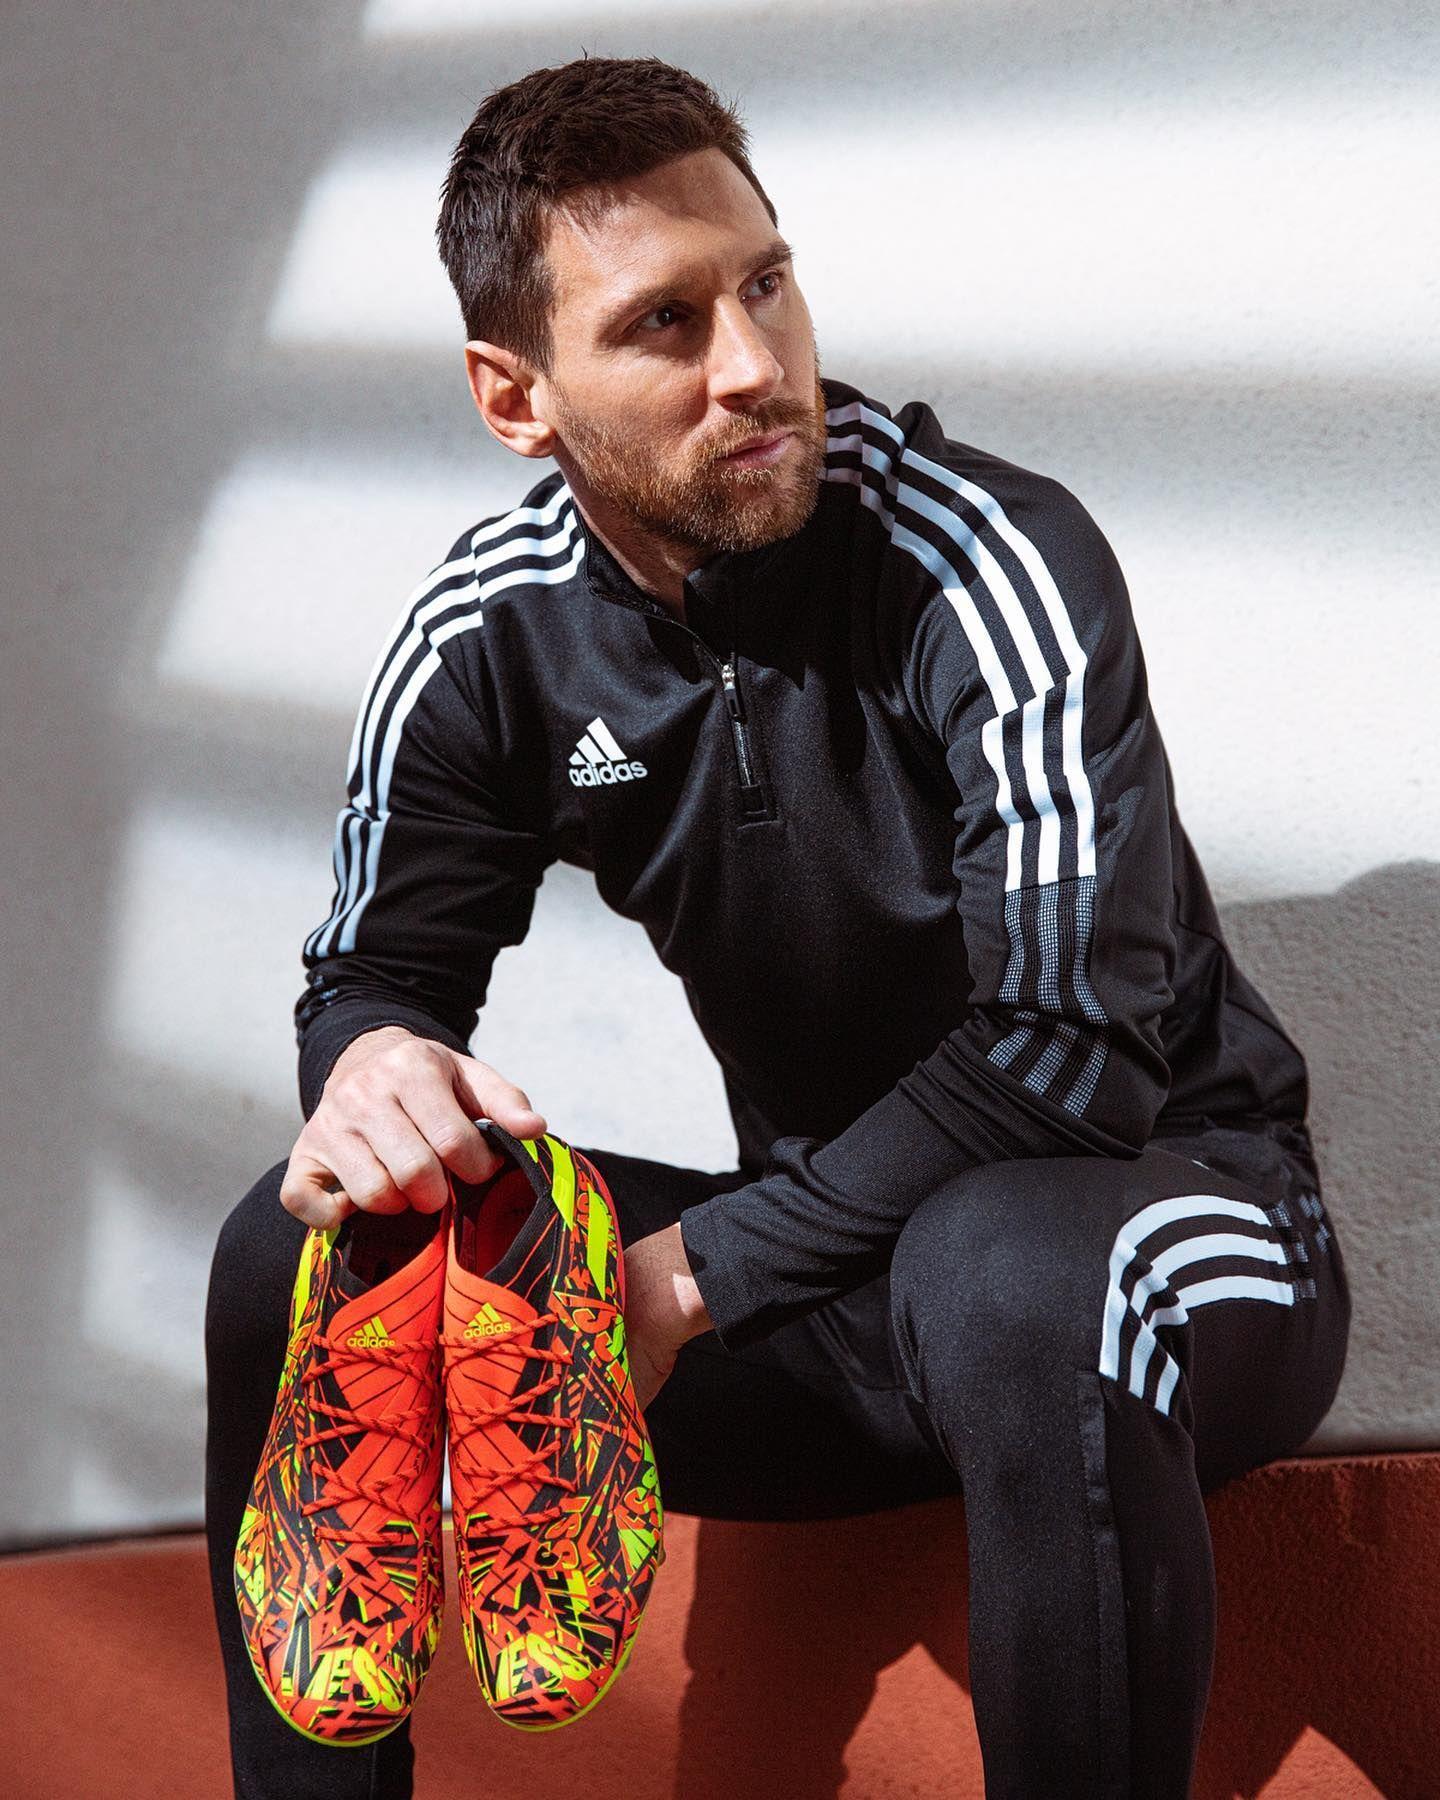 """Botines adidas de Lionel Messi """"Rey del balón"""""""